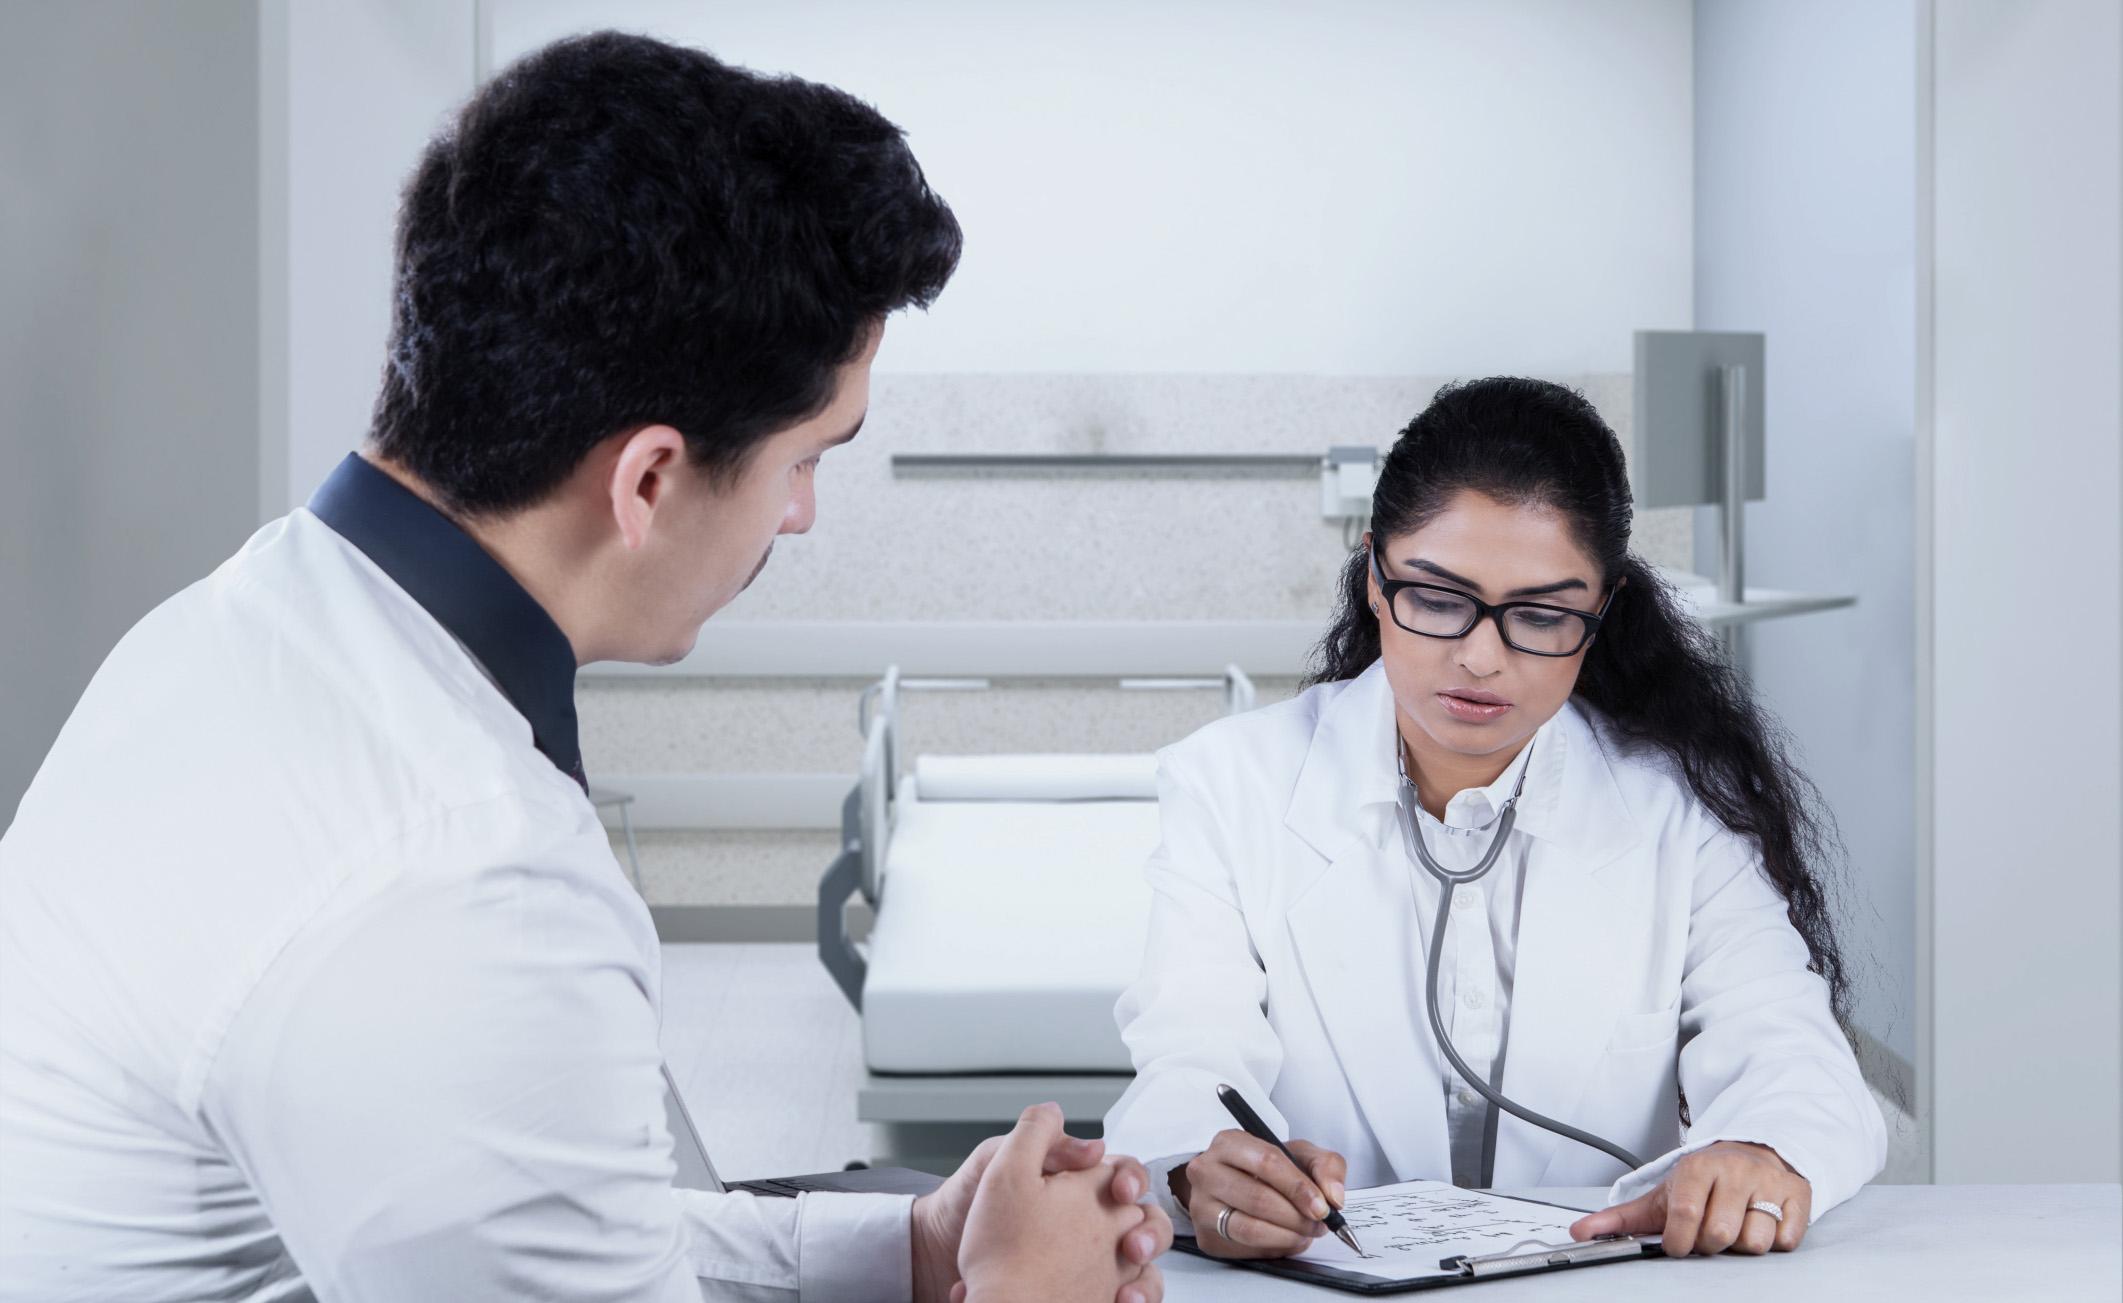 Quozienti di intelligenza più alti ridurrebbero il rischio di schizofrenia